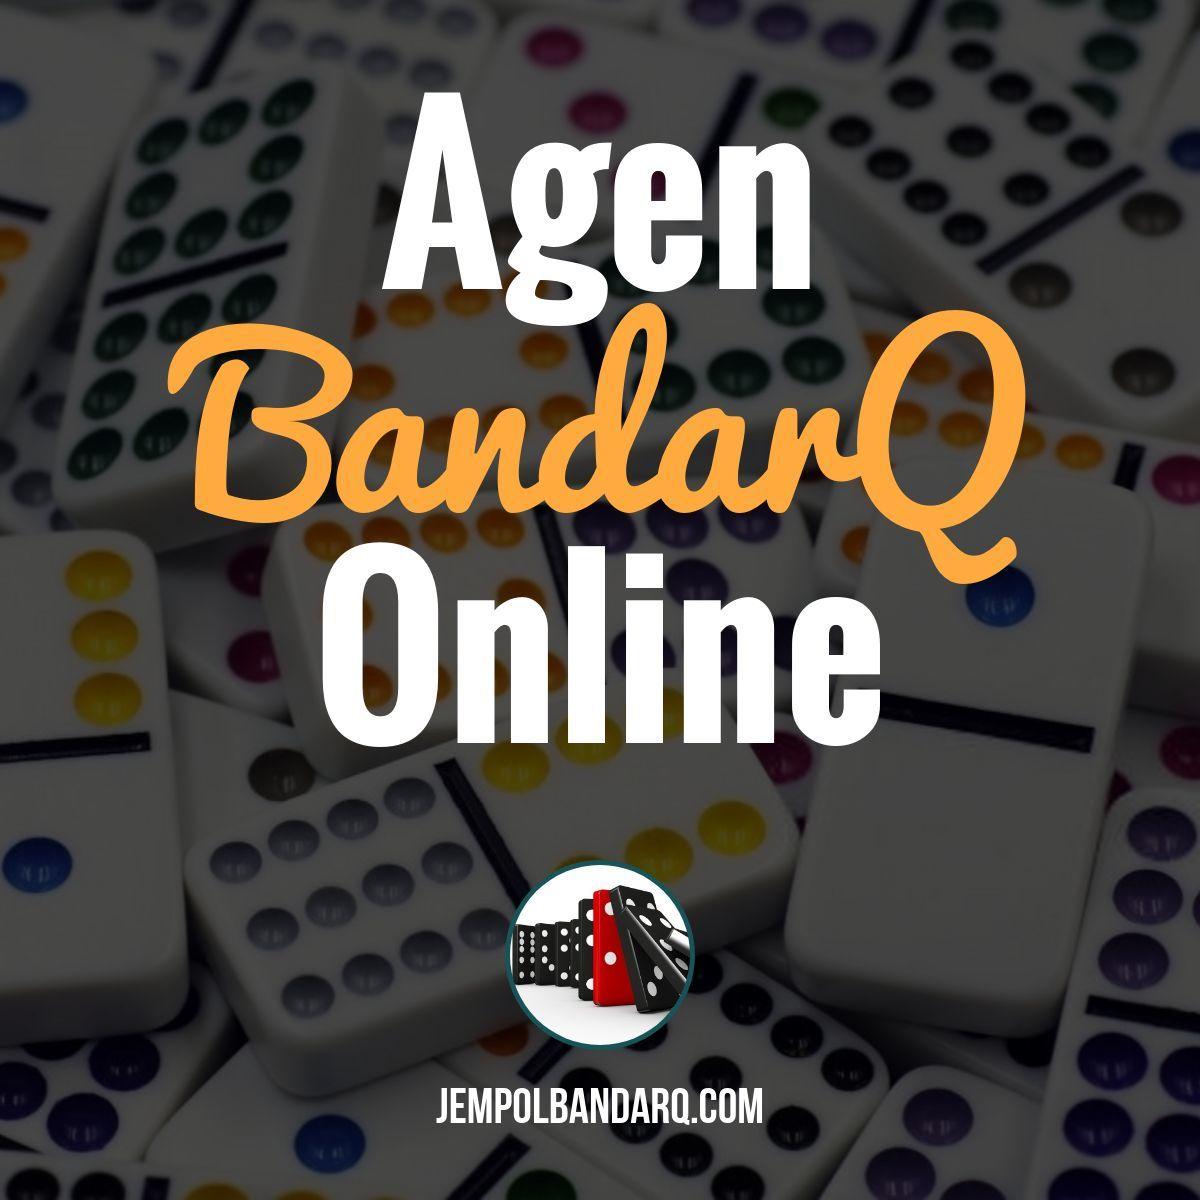 Situs Judi Bandarq Online Terpercaya Di Indonesia Yang Sepertinya Lebih Profitabel